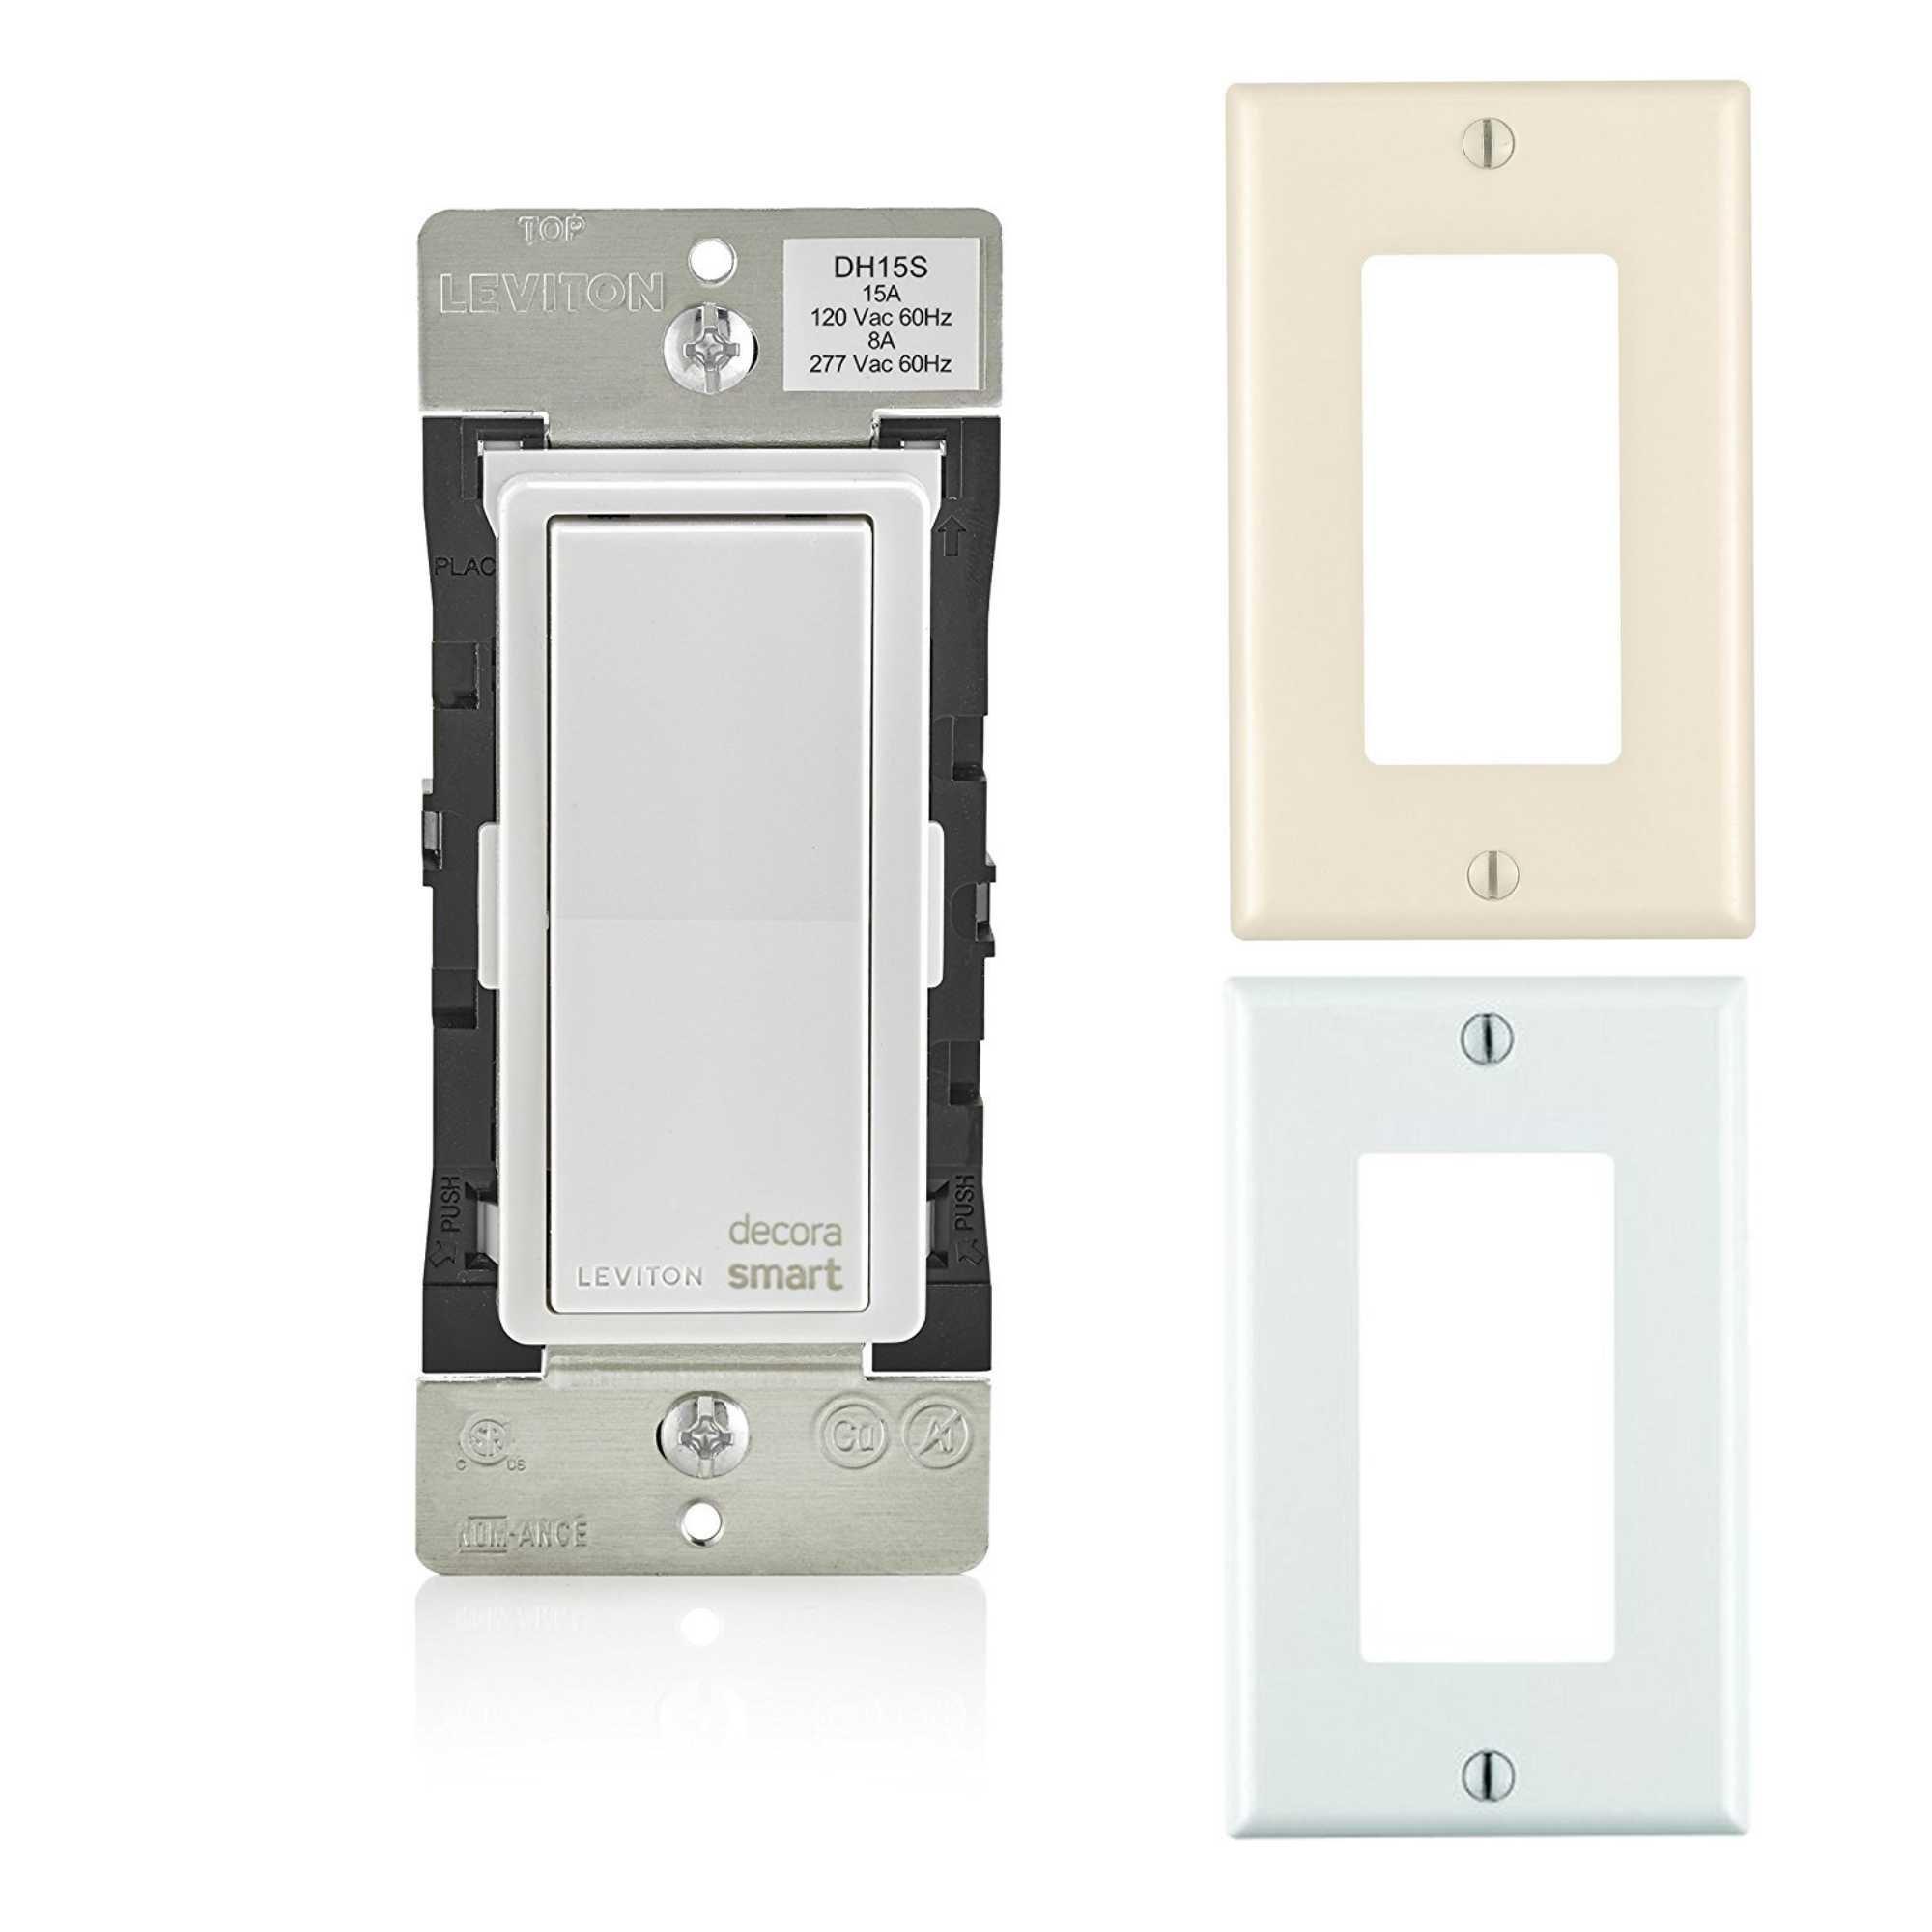 Leviton Decora Smart Light Switch With HomeKit Technology W/Almond & White Wallplates